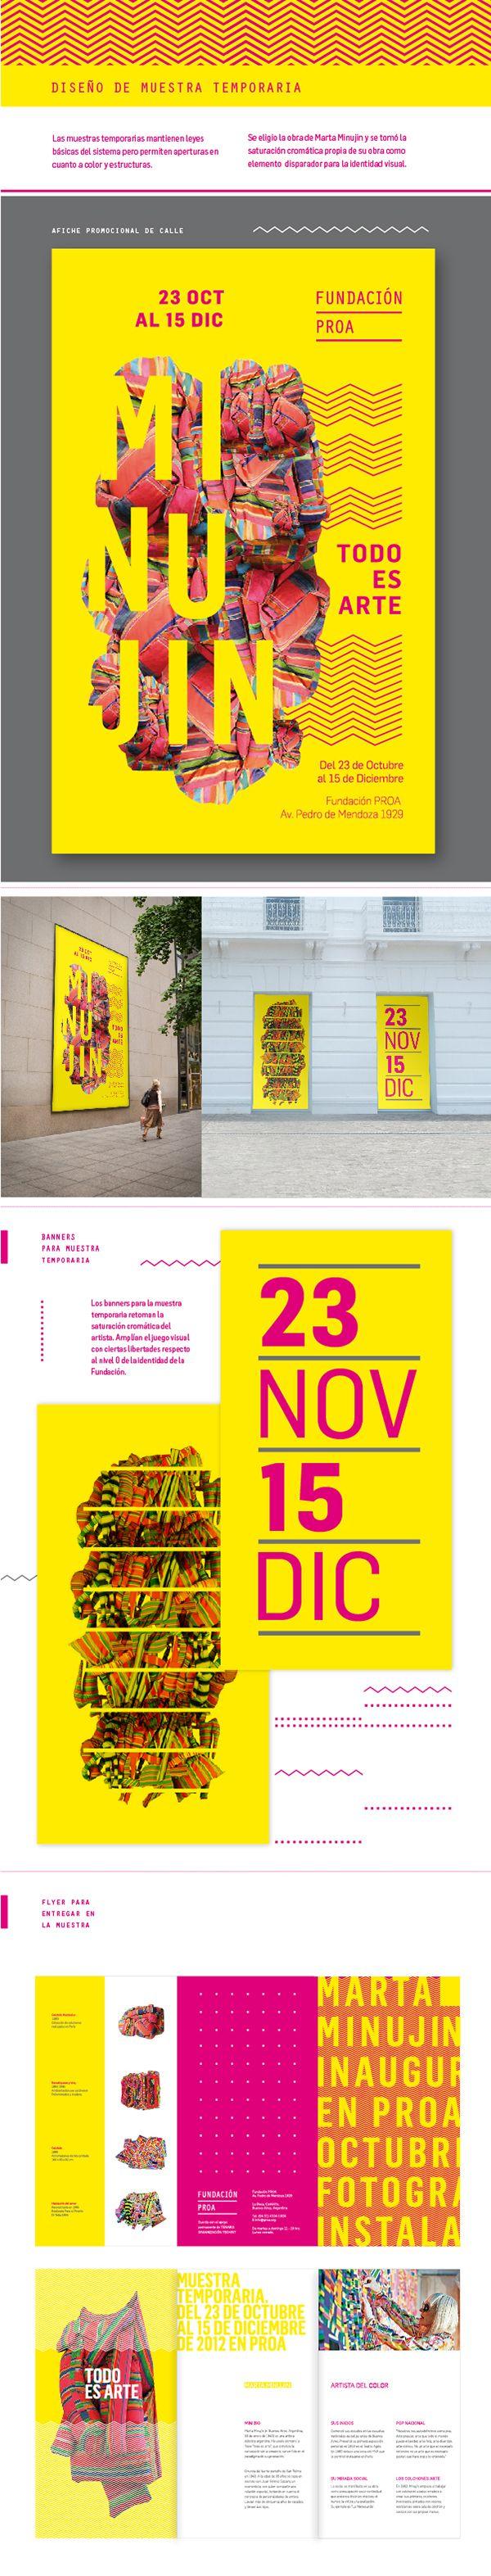 Desarrollo de Identidad para la Fundación Proa. Realizado para la materia Diseño Gráfico II, Gabriele, 2012, FADU, UBA.